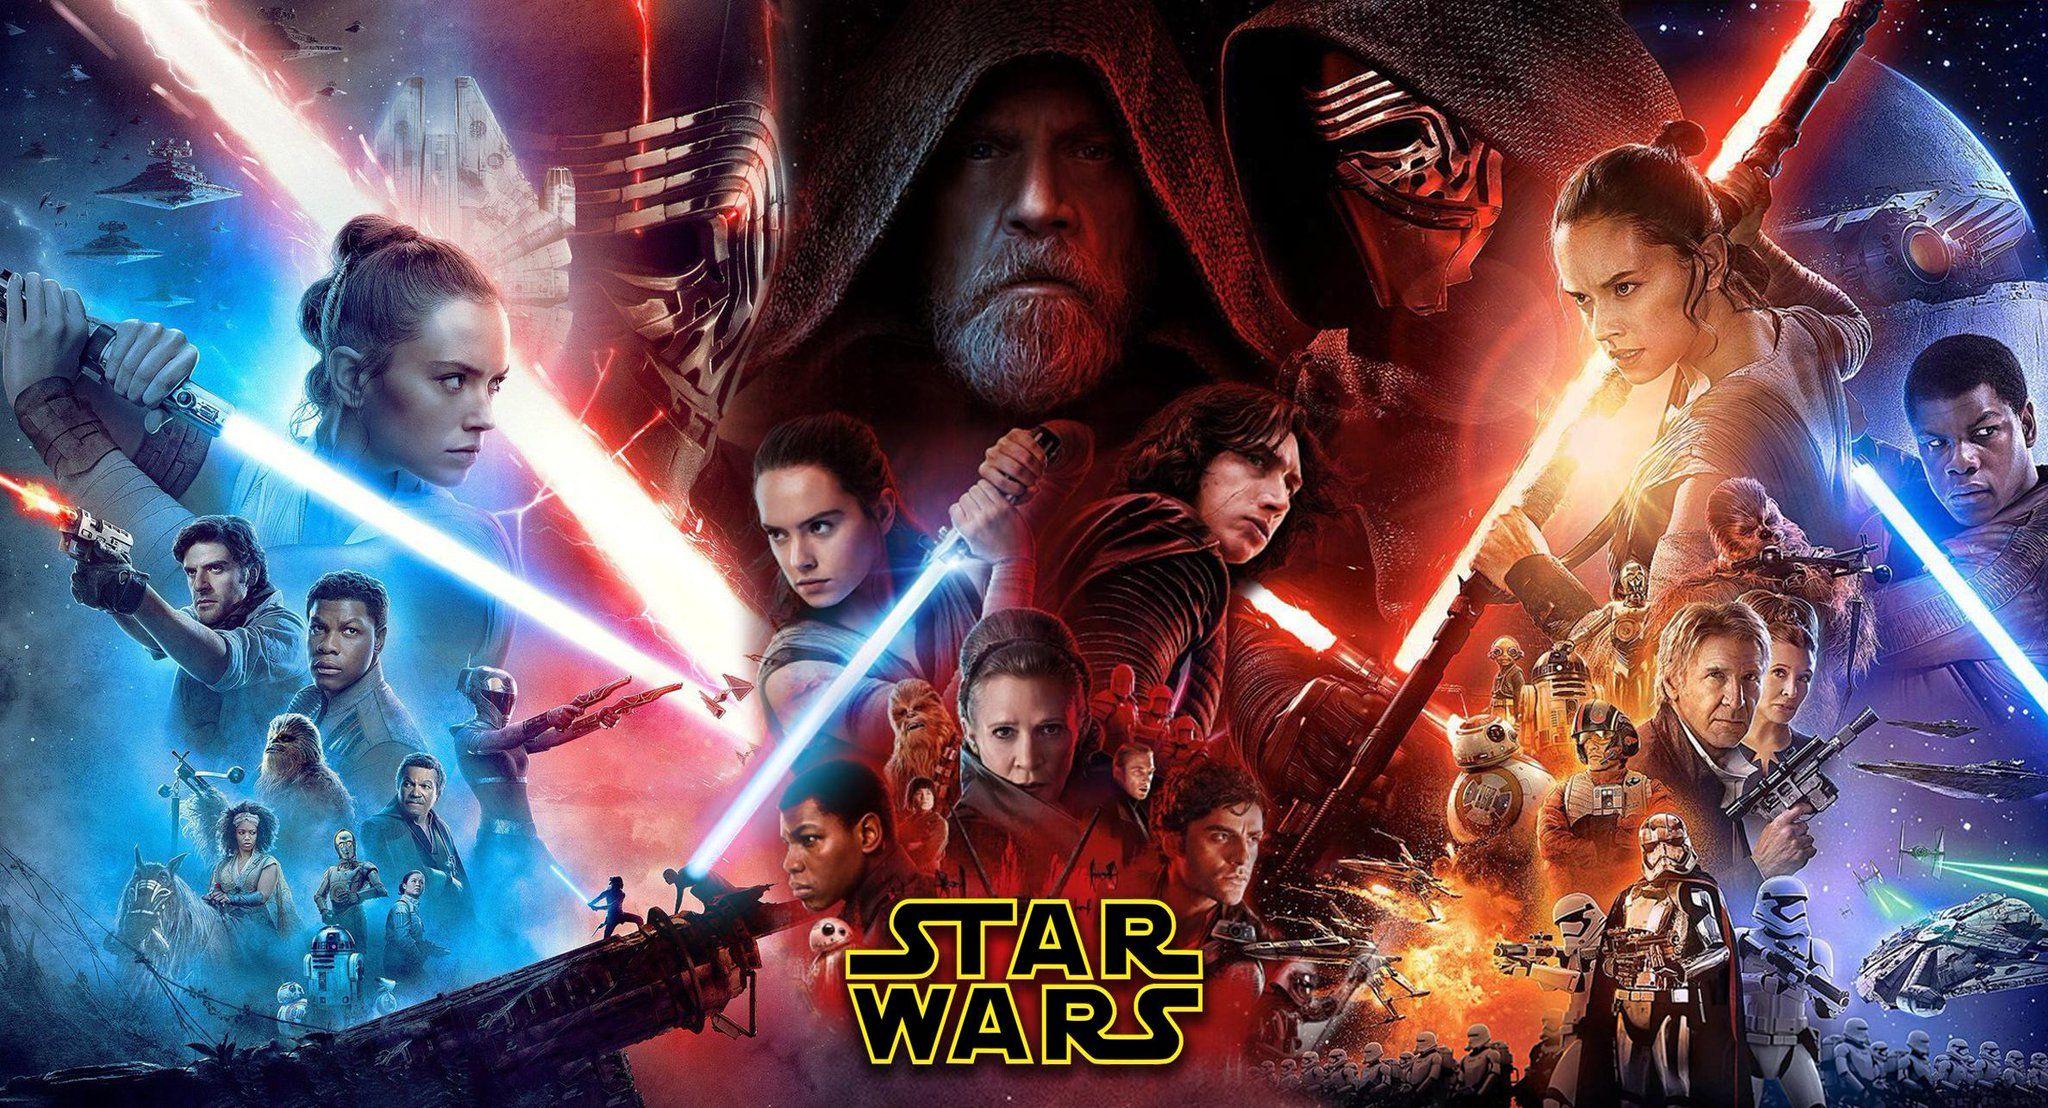 Star Wars Stuff On Twitter In 2020 Star Wars Sequel Trilogy Star Wars Universe Star Wars Movie